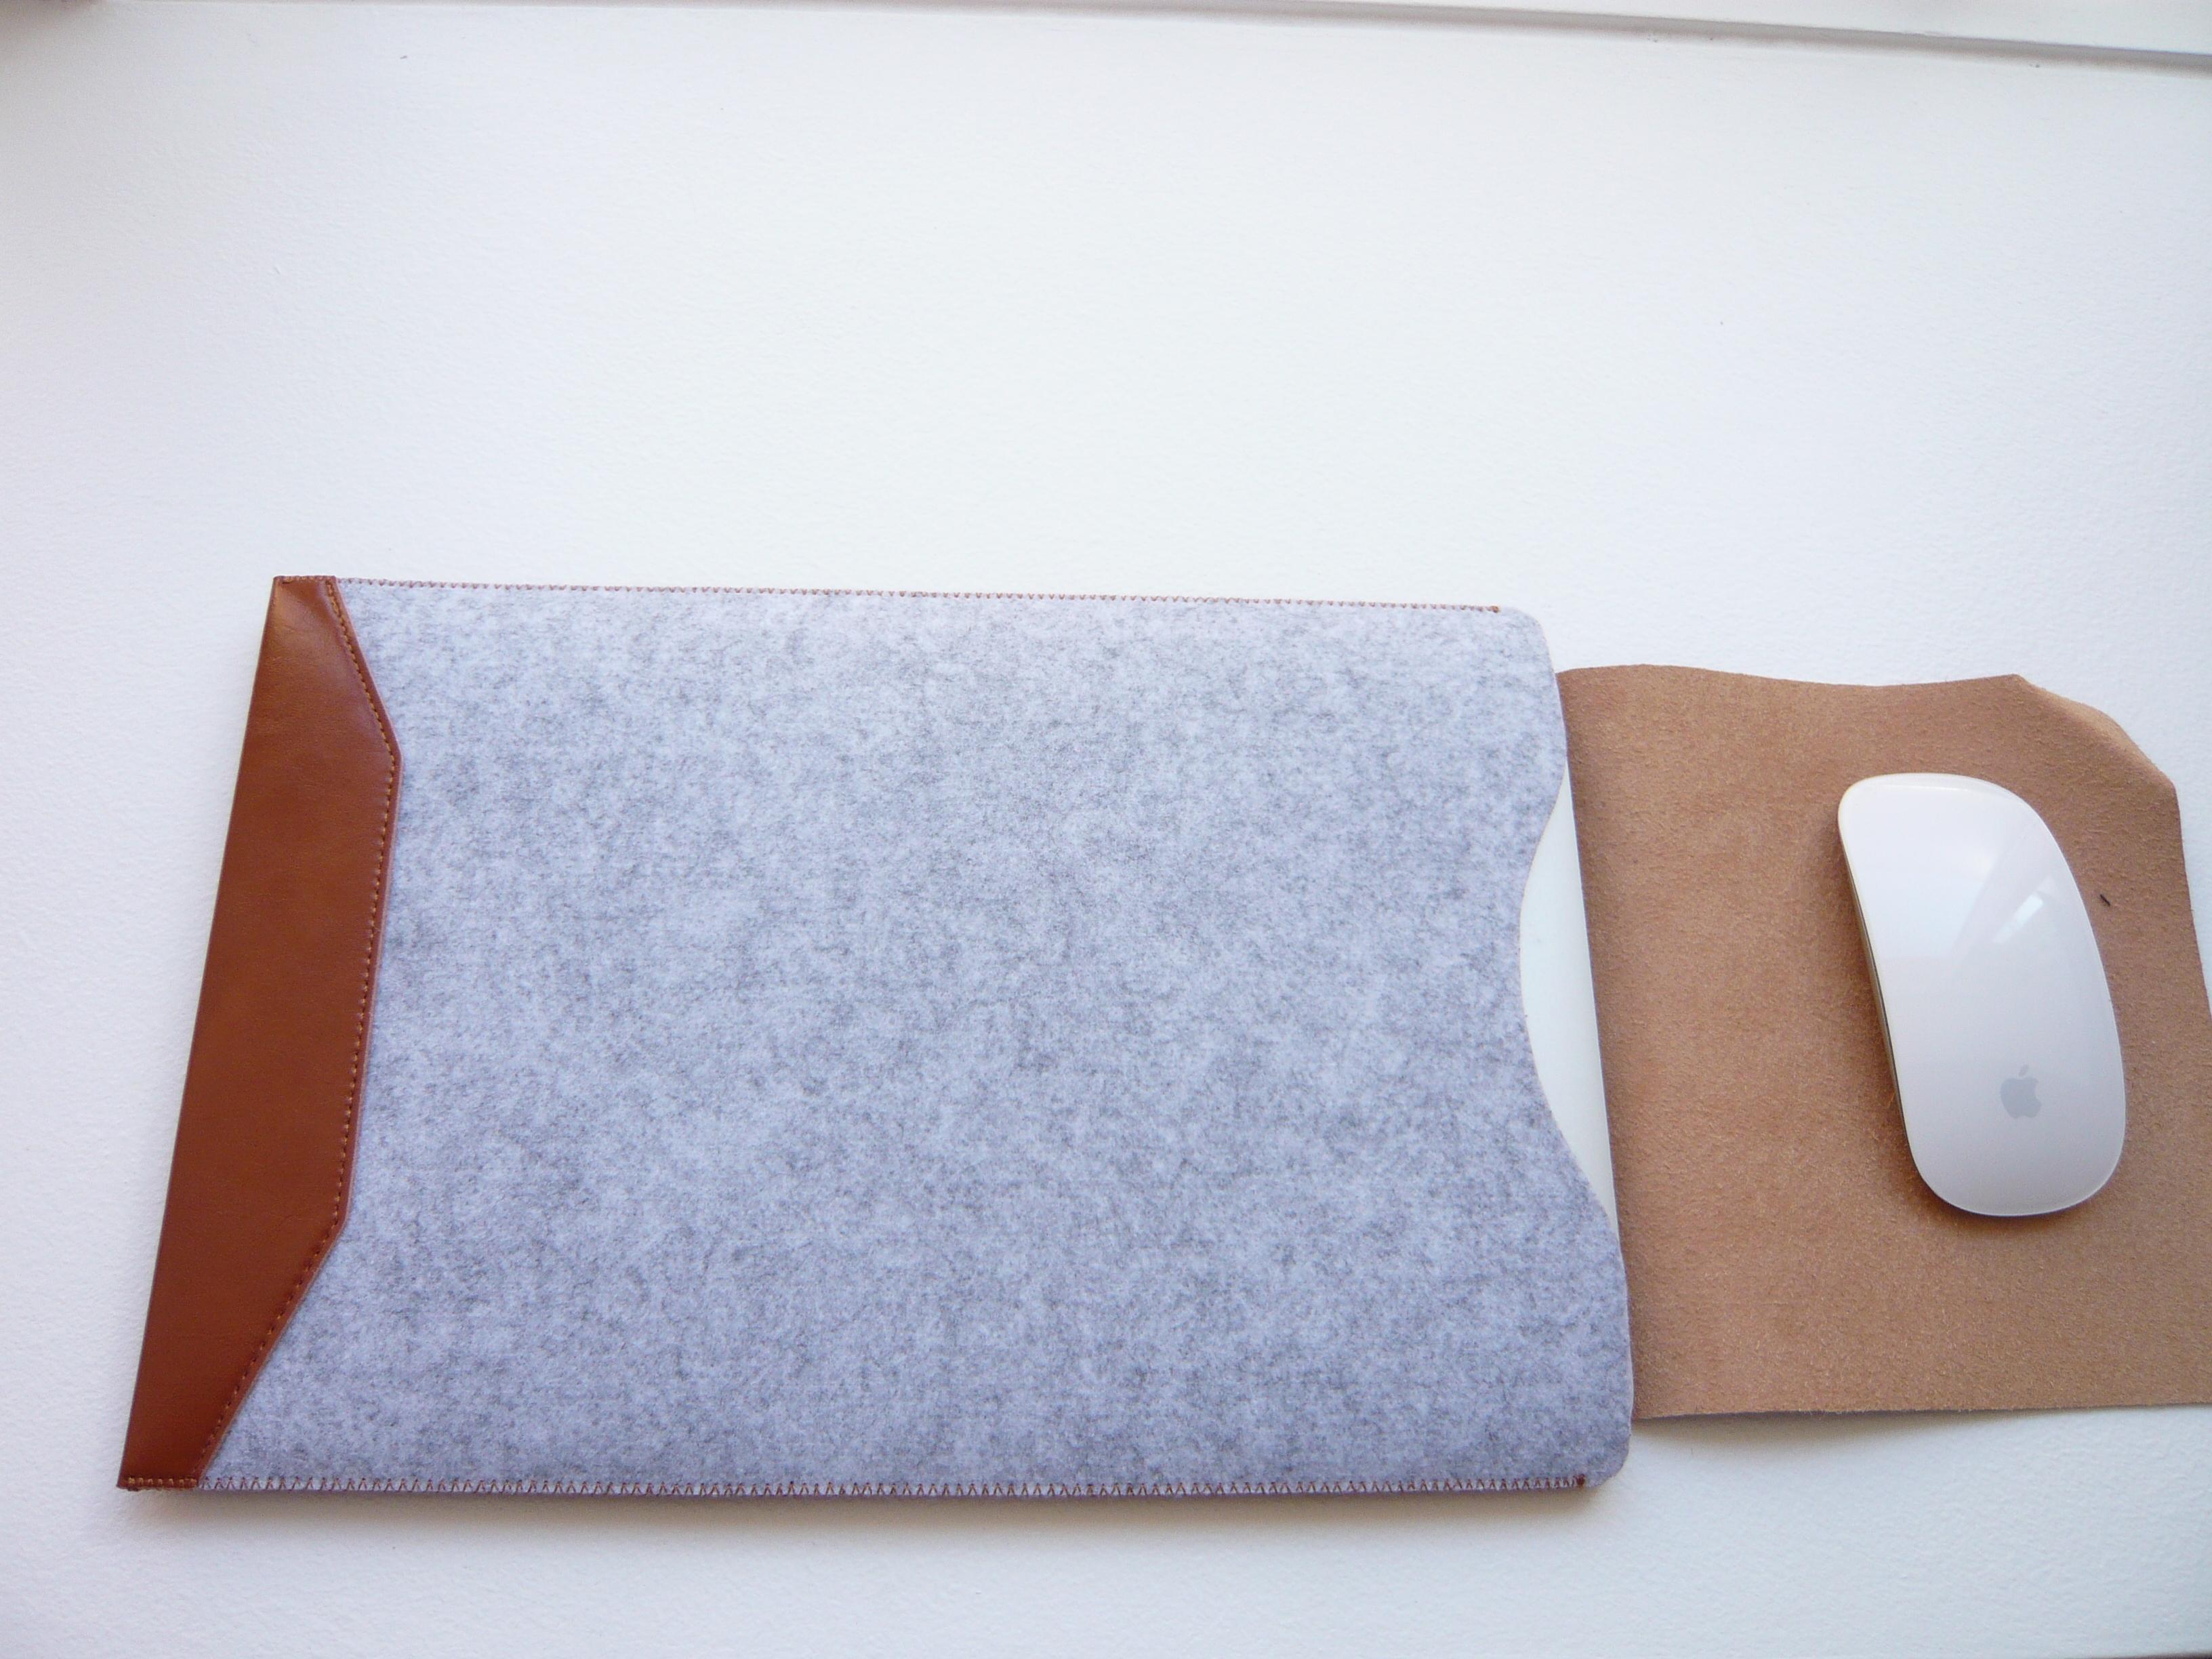 Cover til Macbook Air